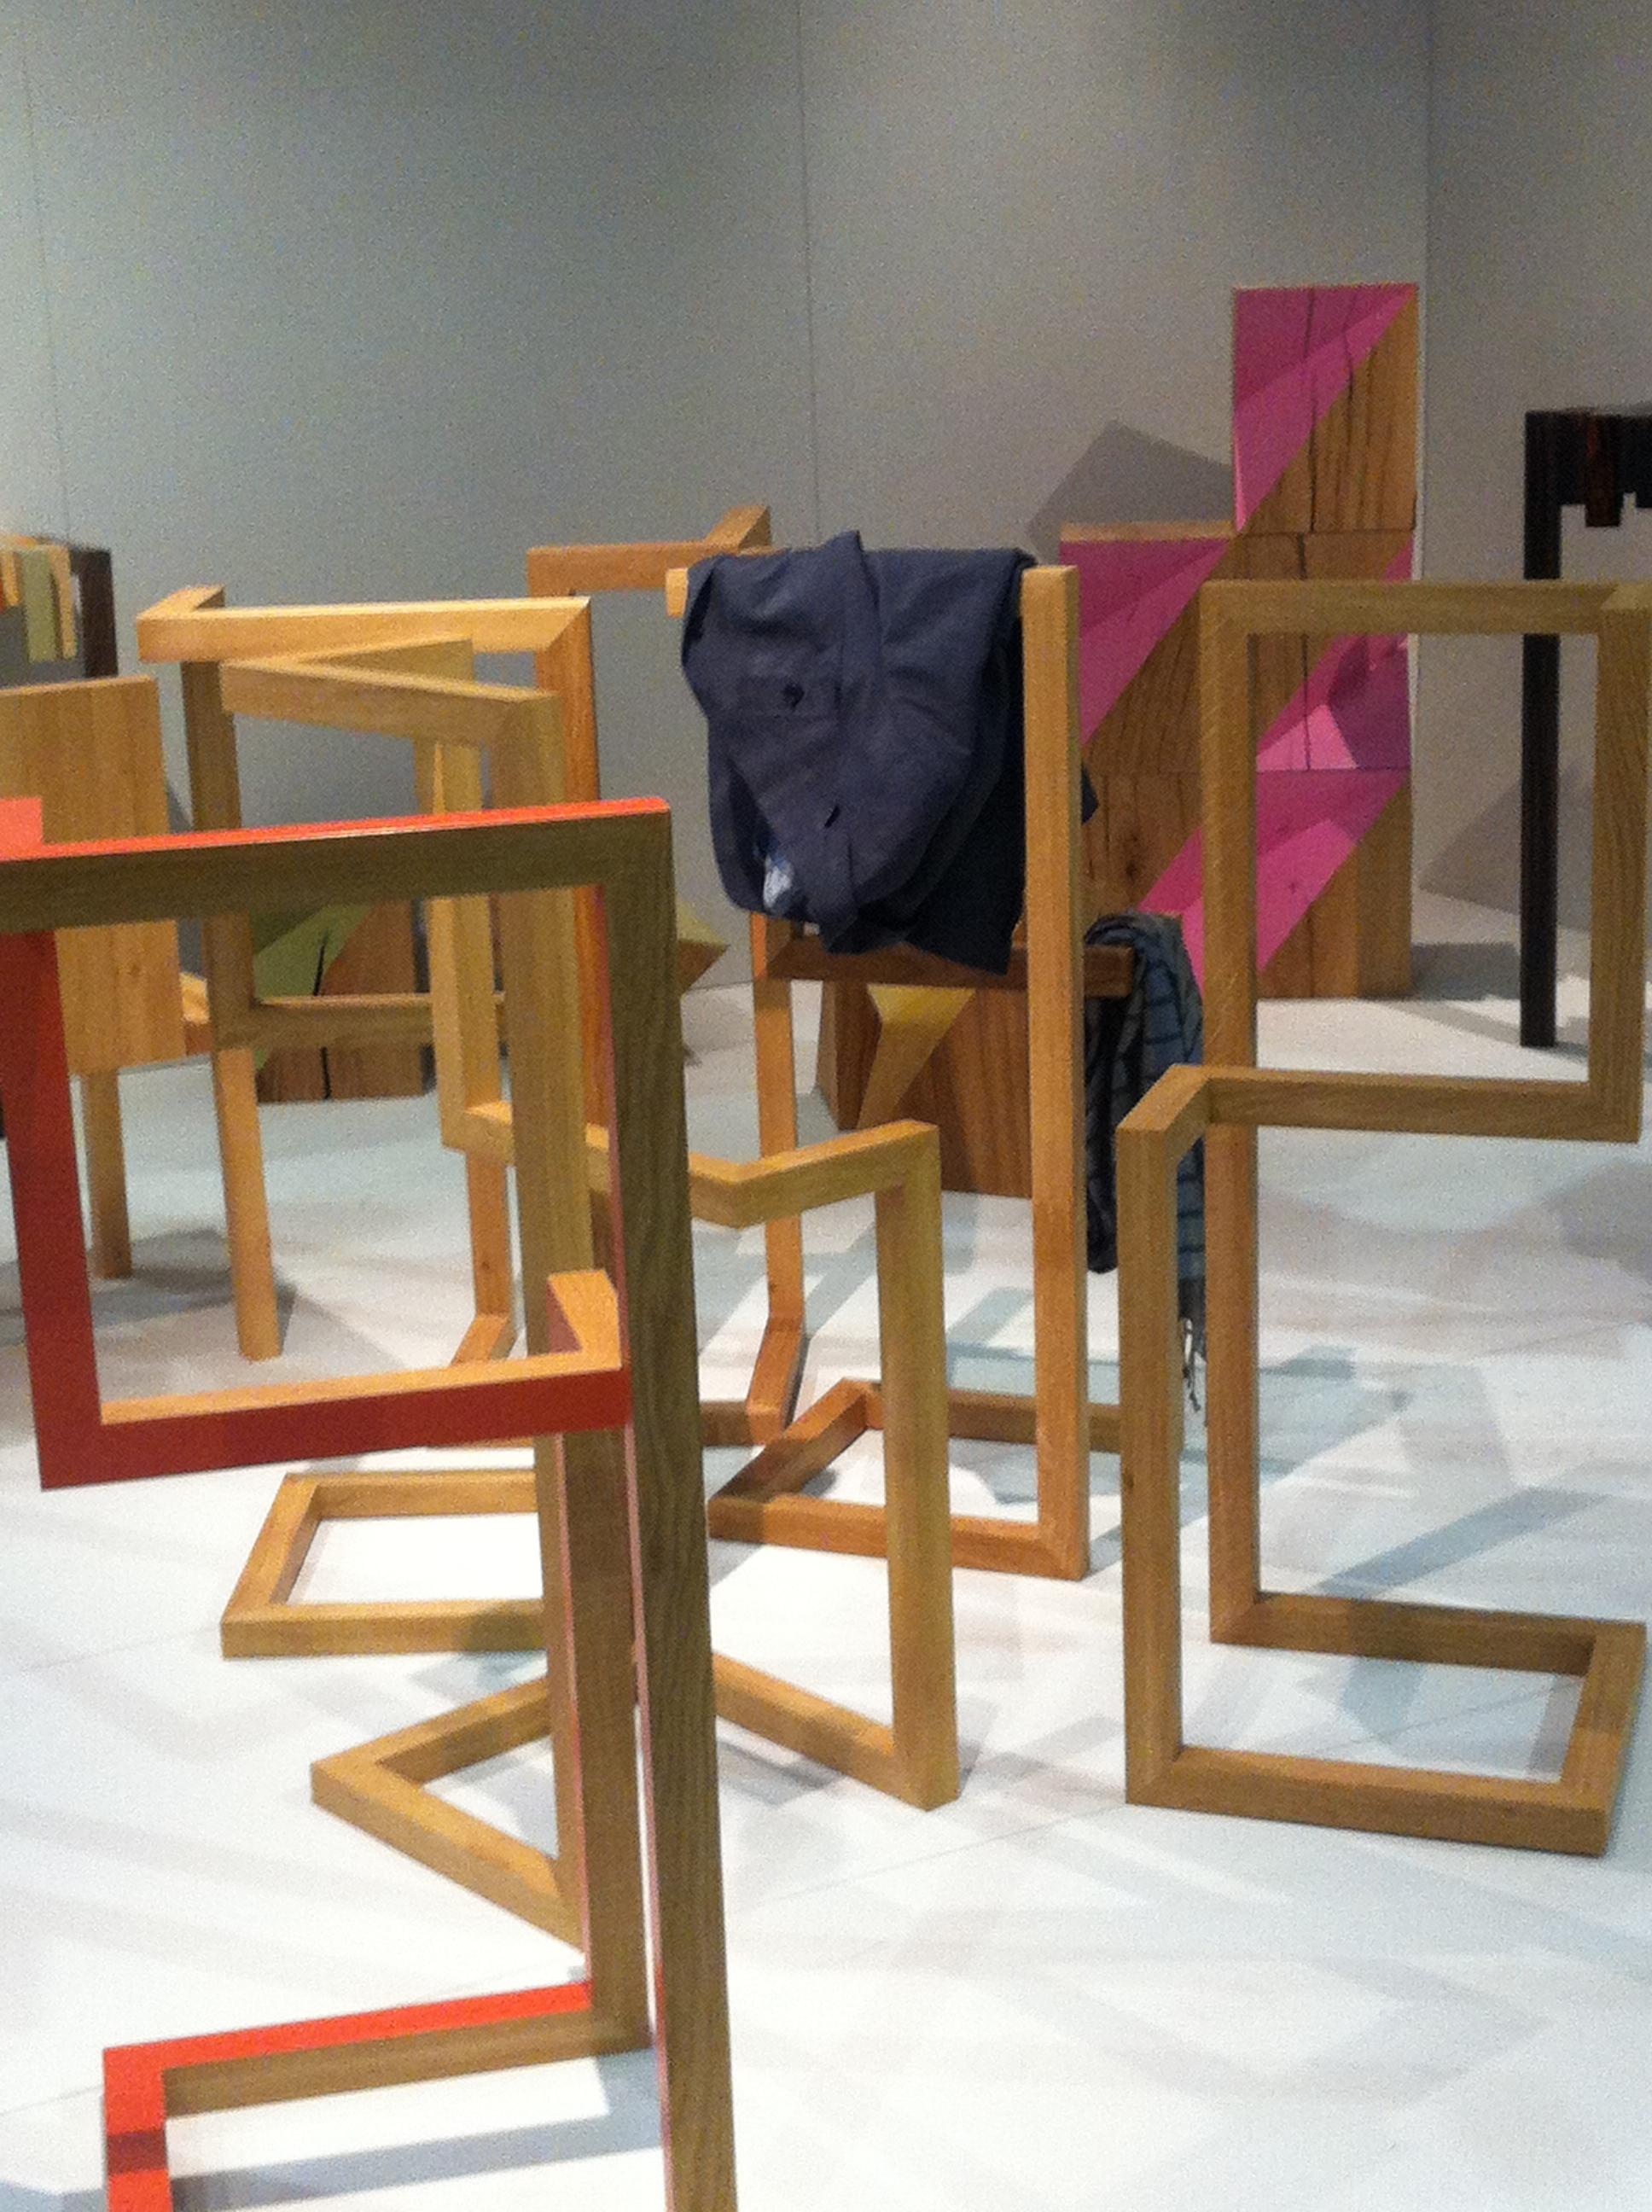 valet de chambre caroline desert. Black Bedroom Furniture Sets. Home Design Ideas